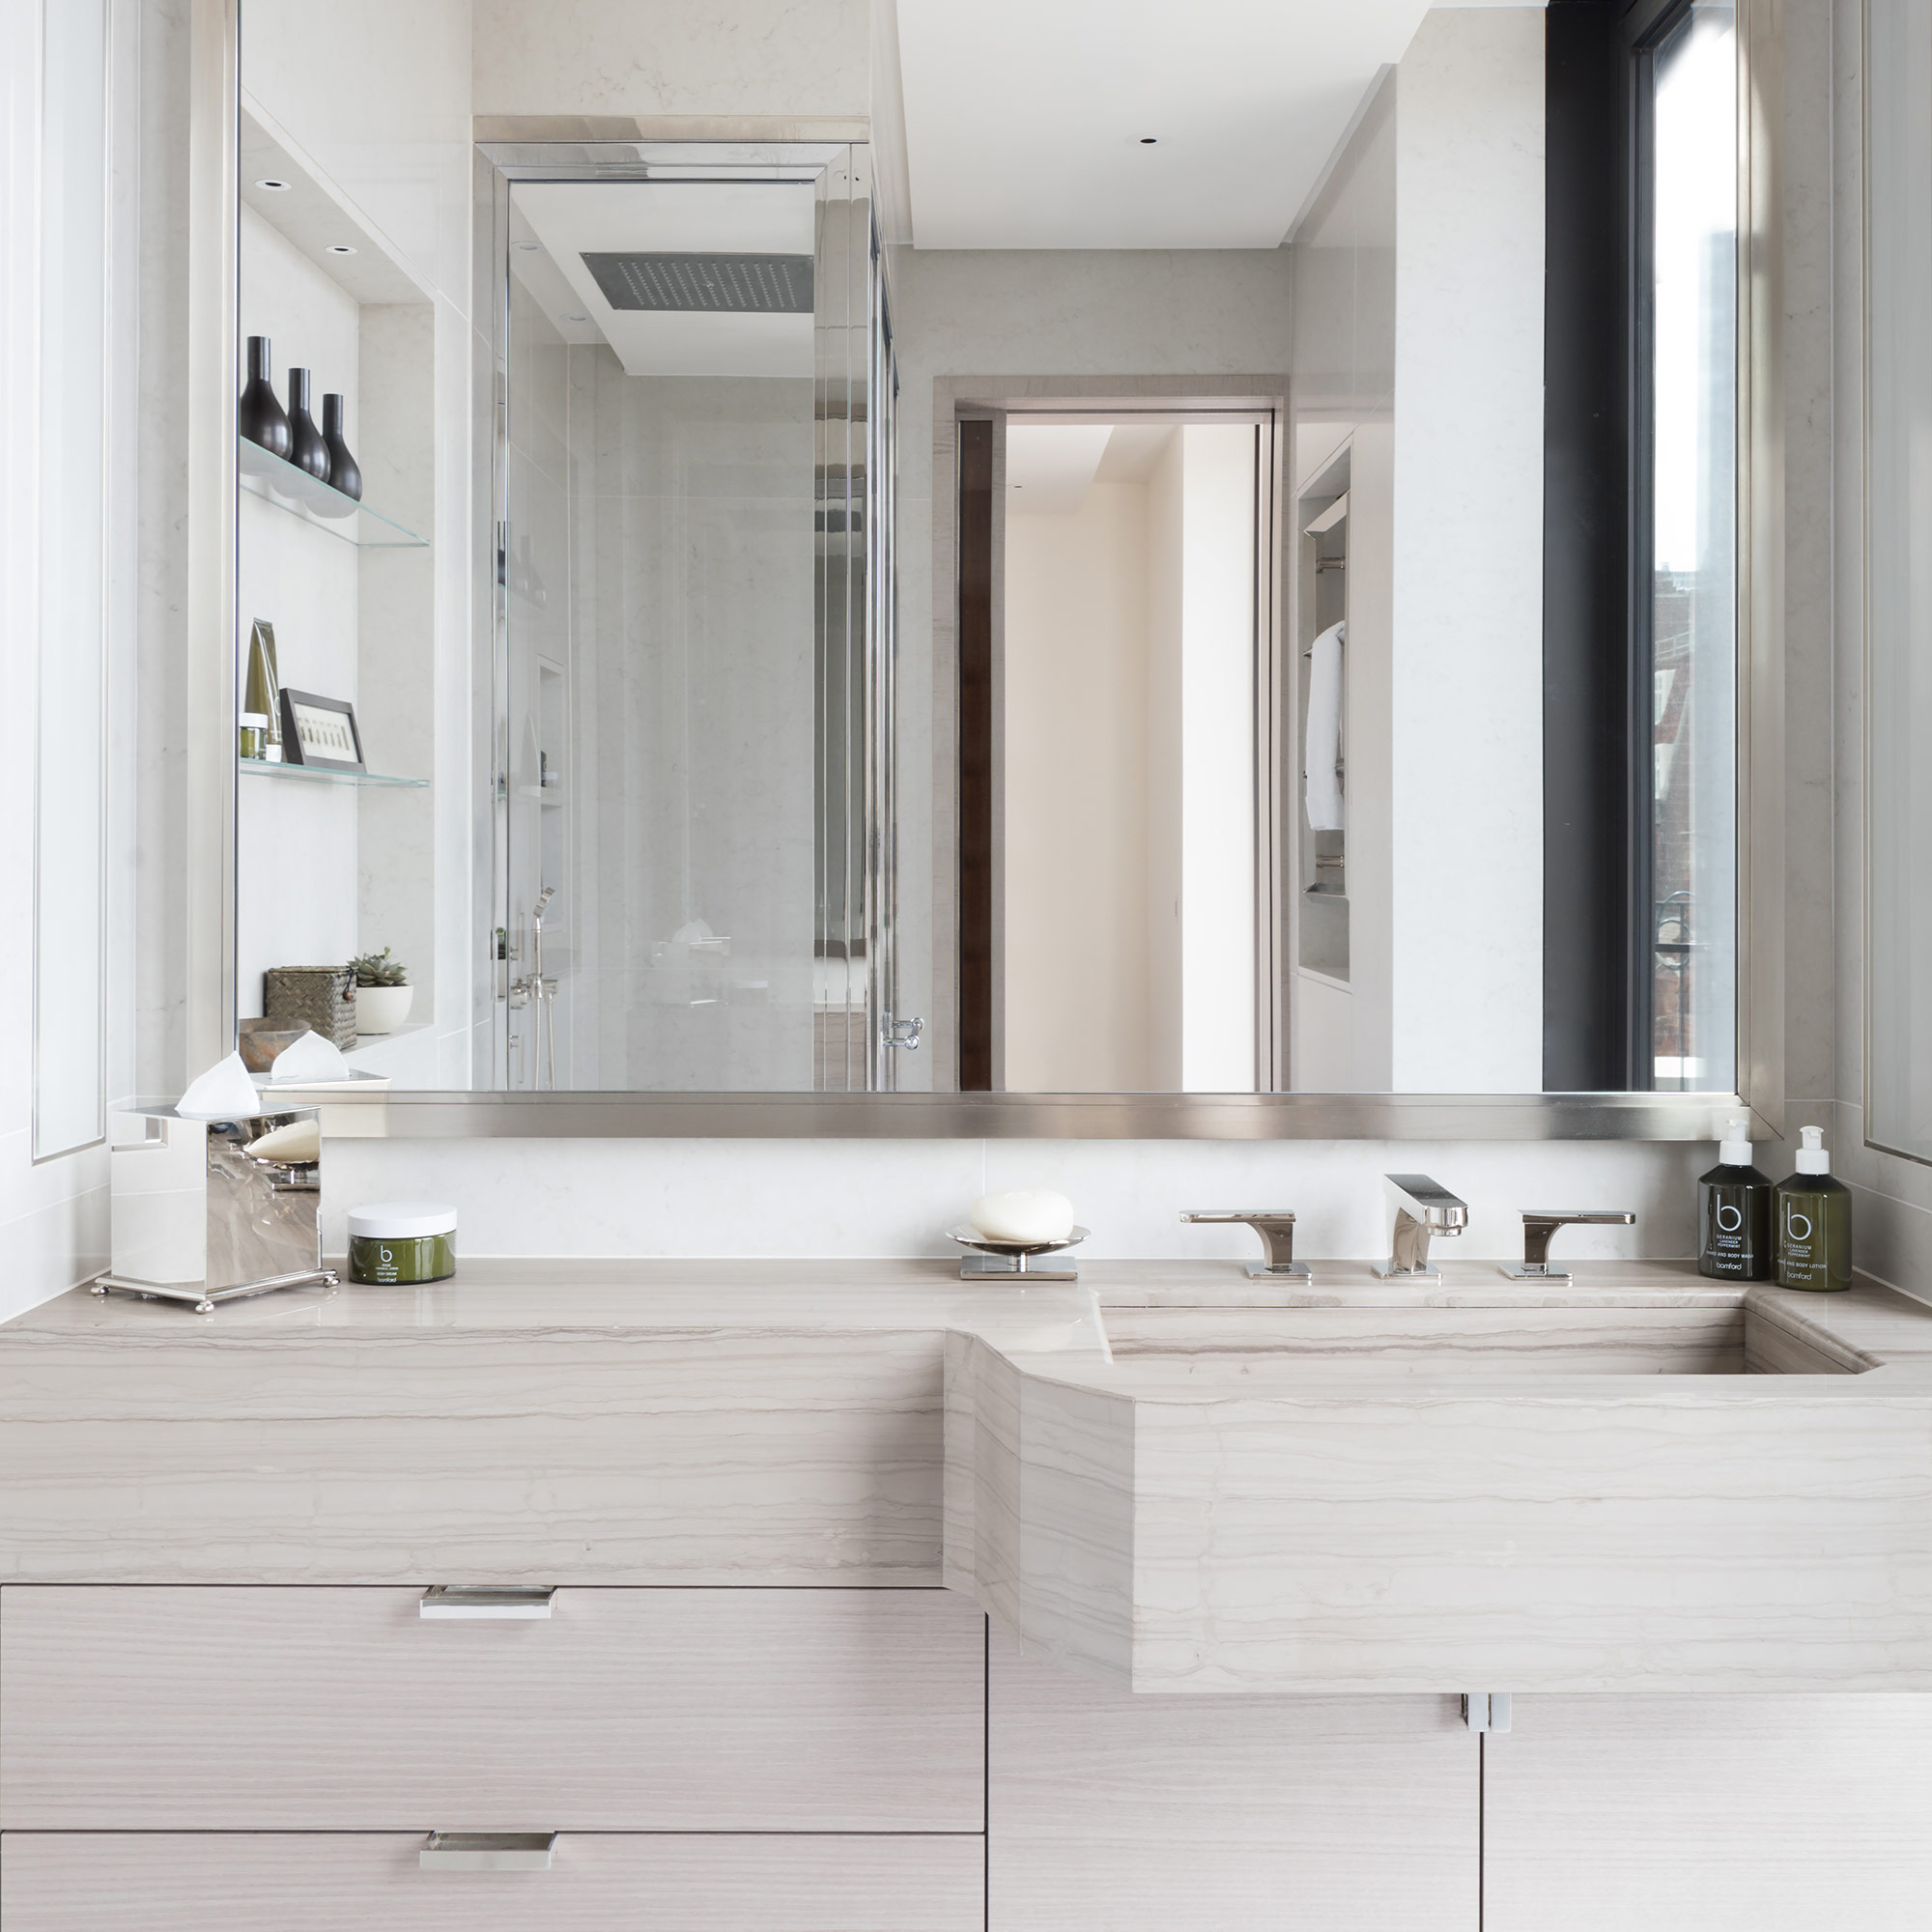 West One Bathrooms Case Studies Luxlo Penthouse Guest Bath Feat1